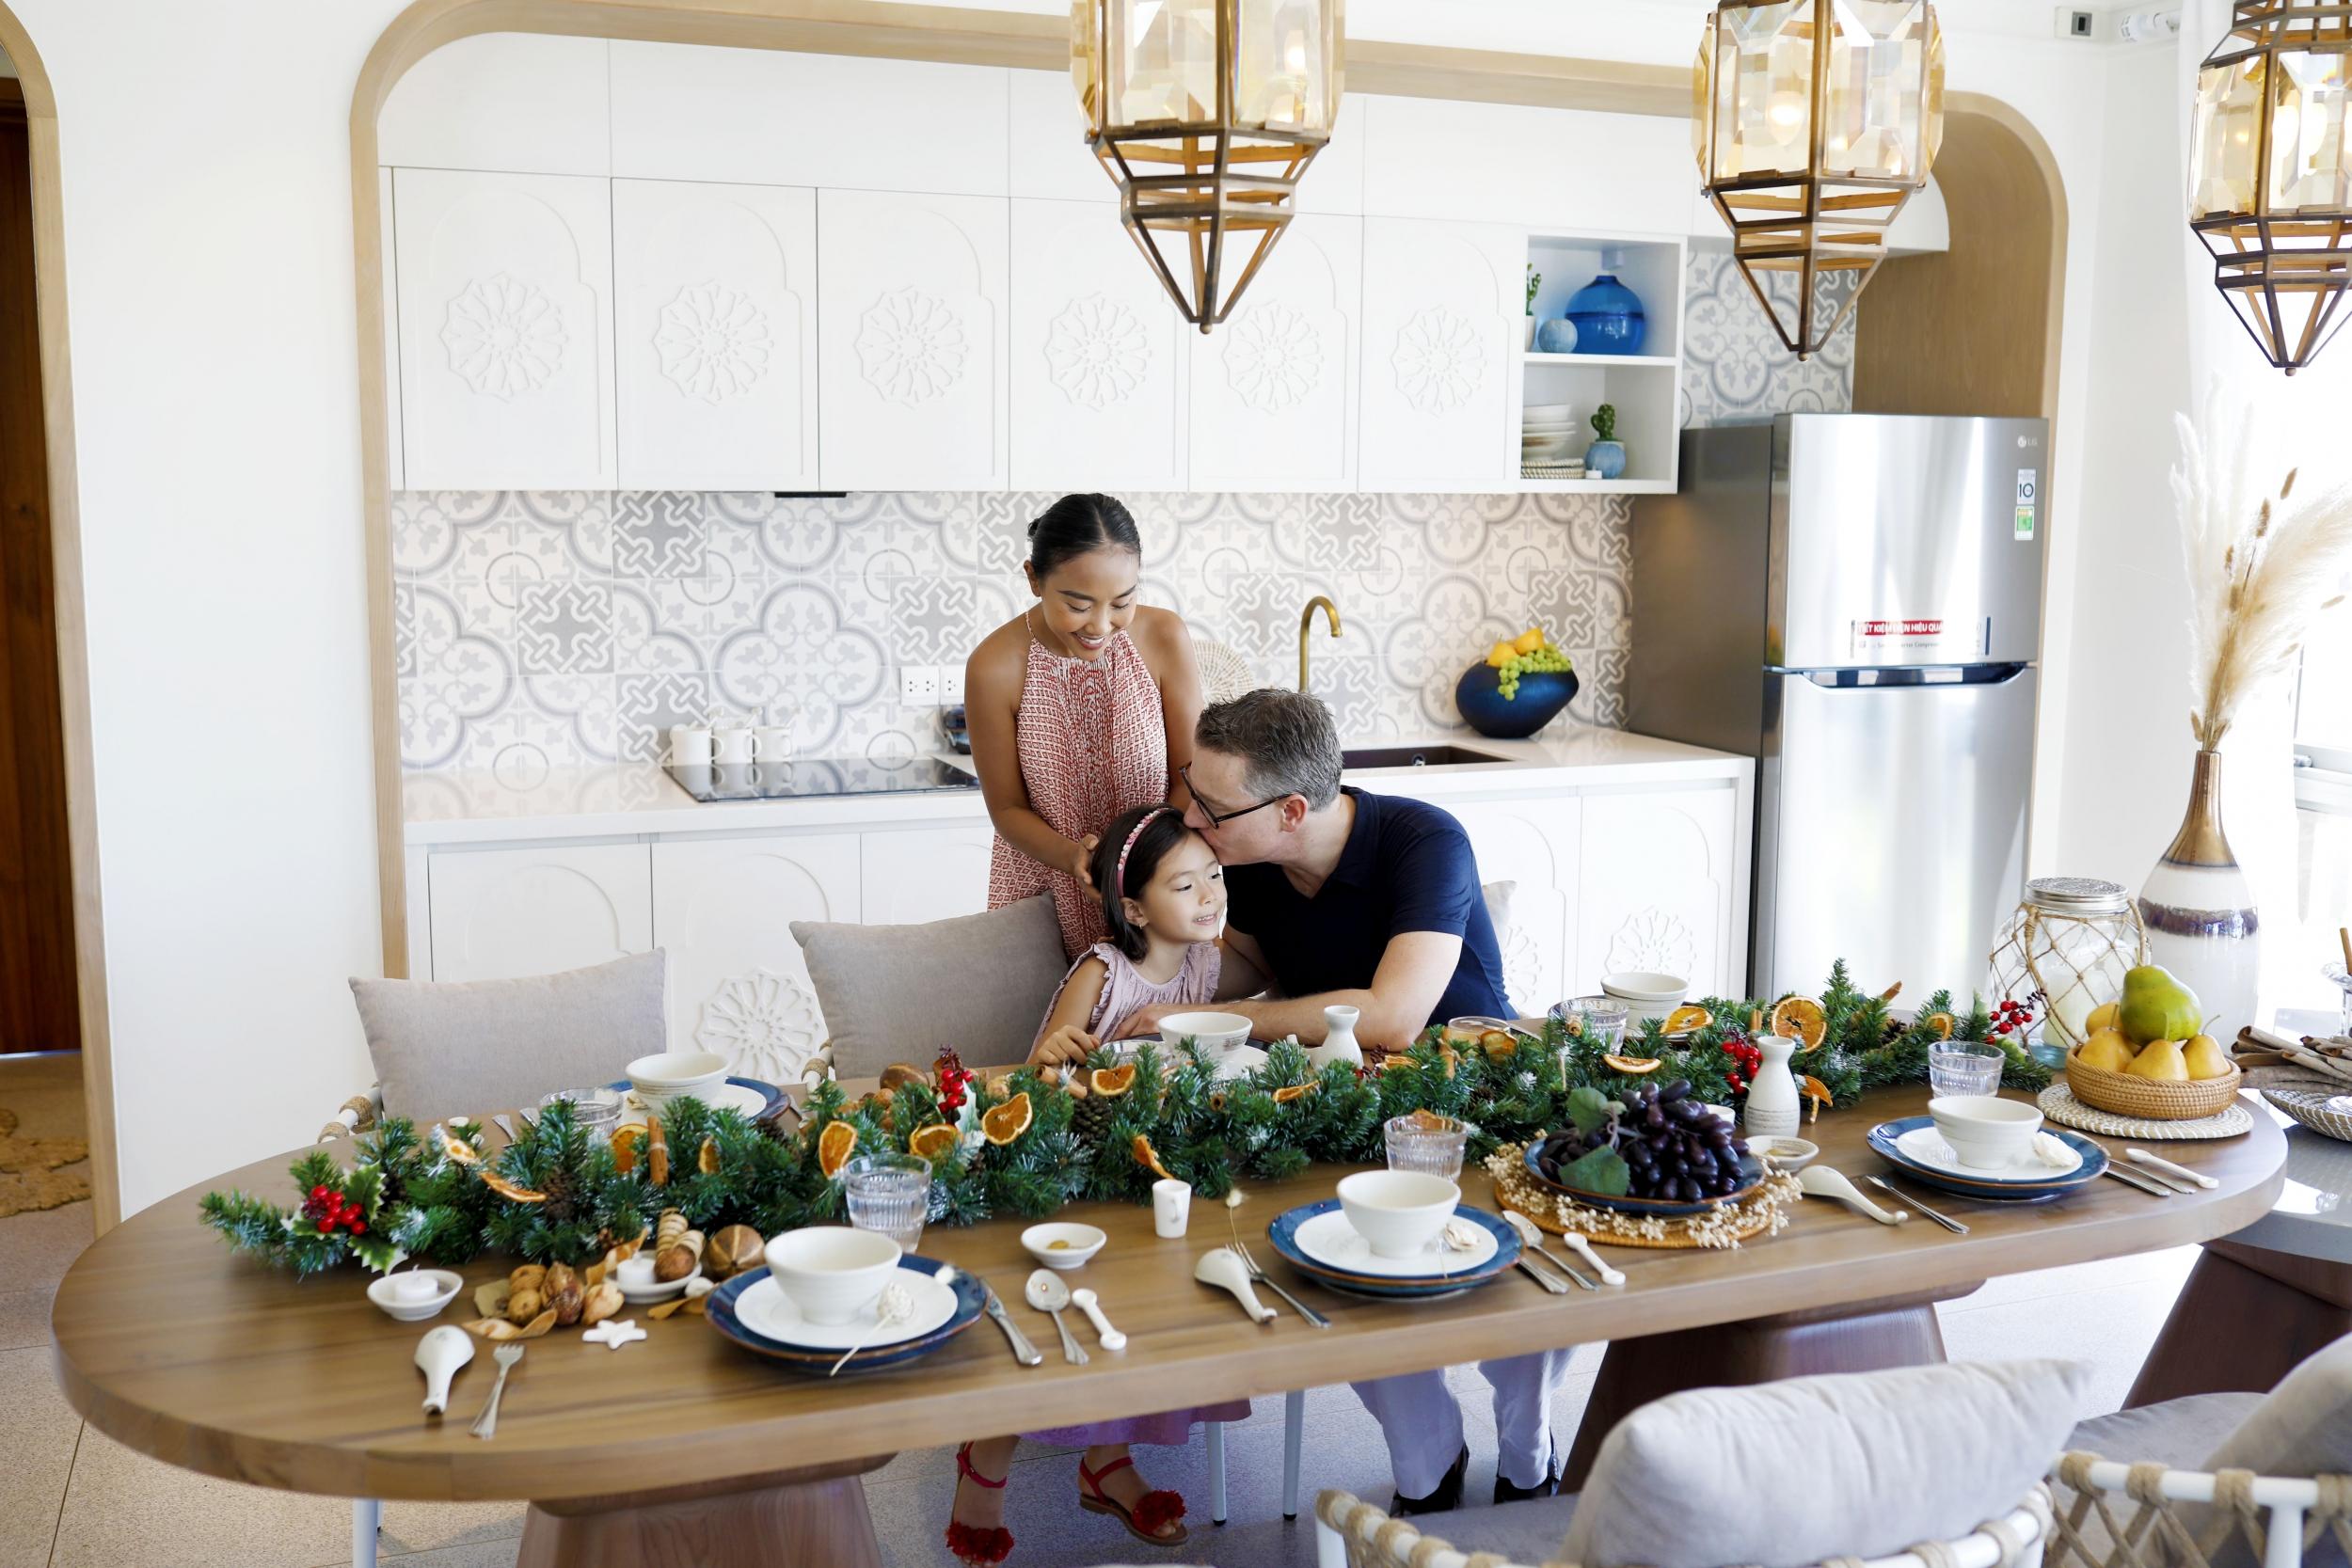 Gia đình Đoan Trang chọn Hồ Tràm làm nơi nghỉ dưỡng lâu dài